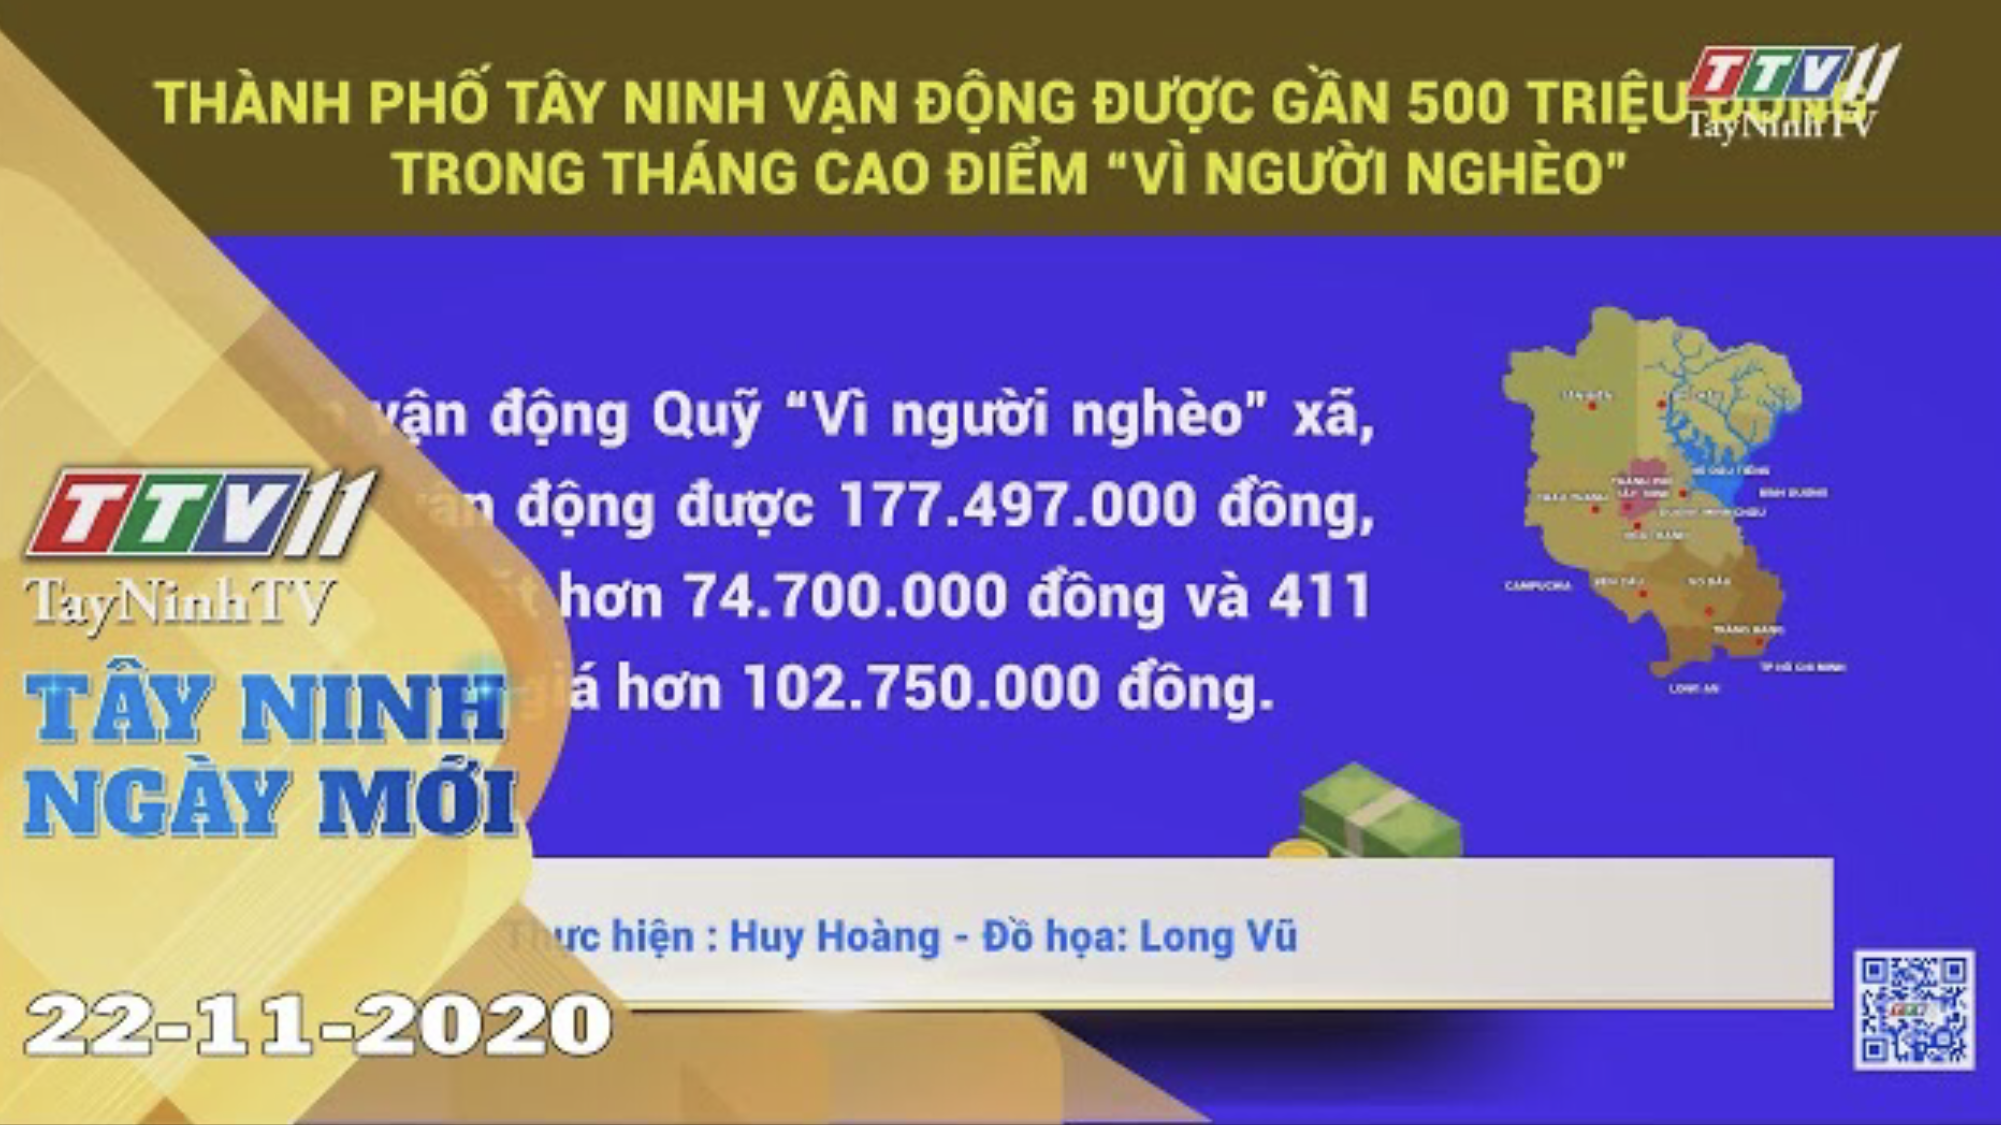 Tây Ninh Ngày Mới 22-11-2020 | Tin tức hôm nay | TayNinhTV